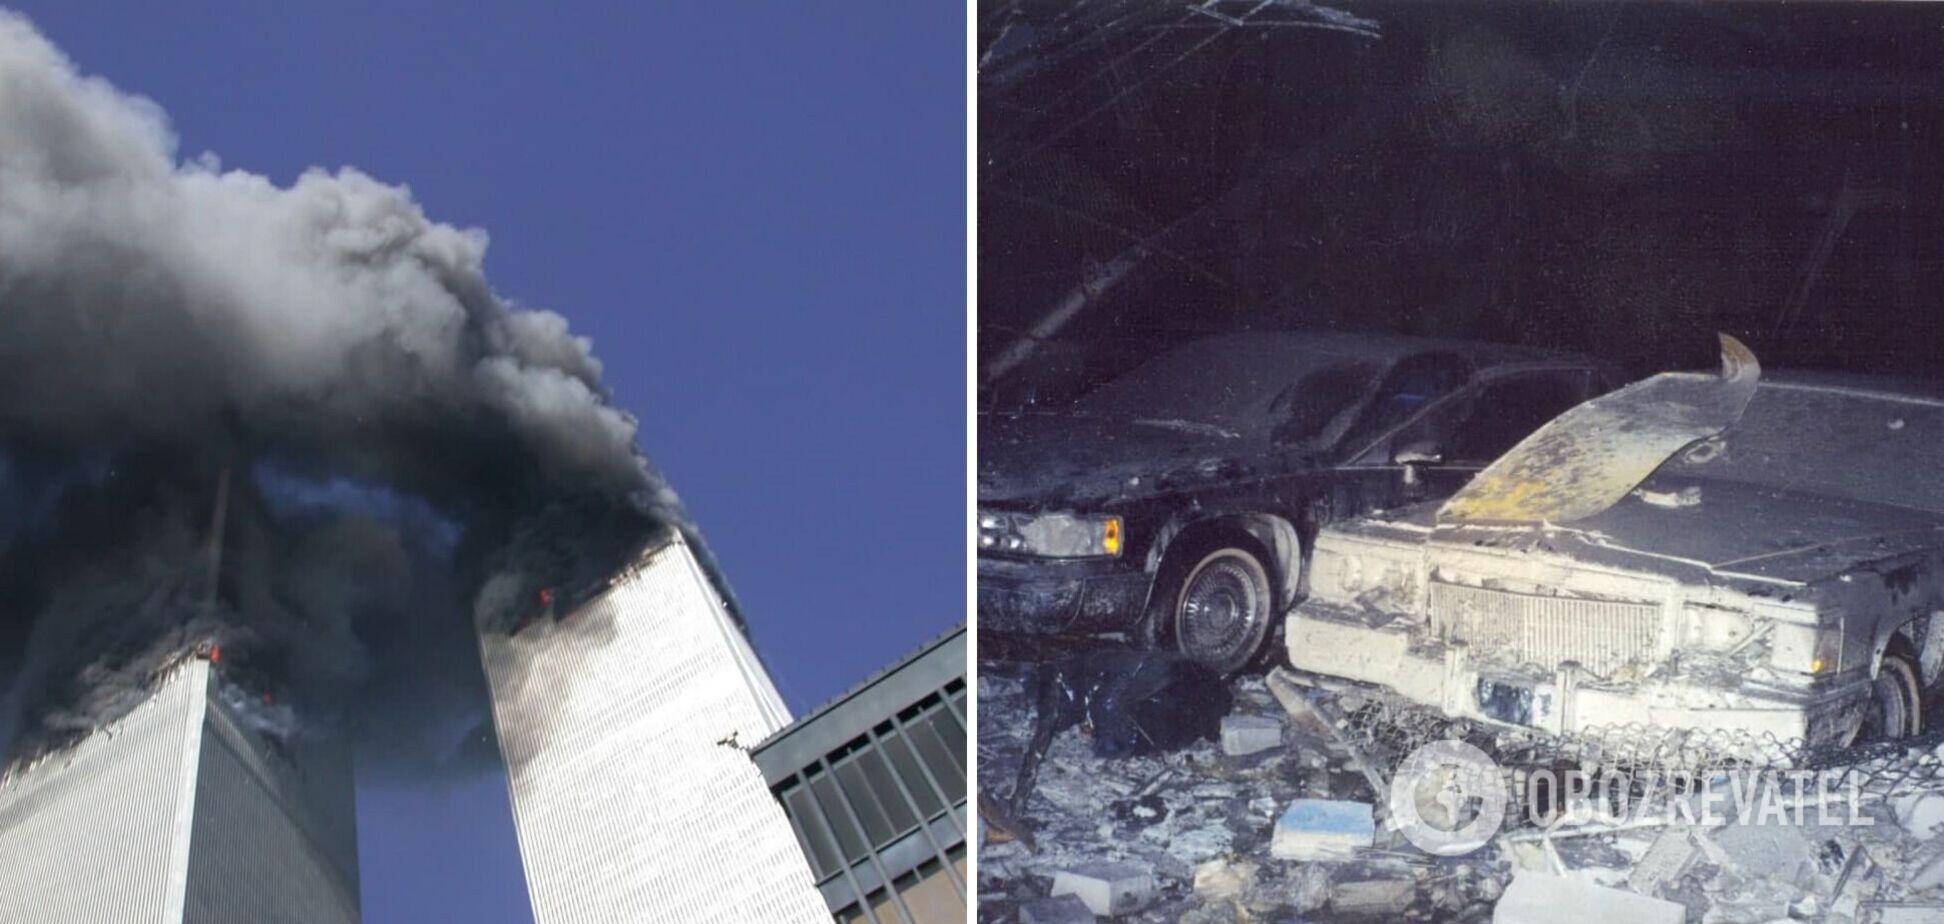 Дим, руїни і розпач: спецслужби США показали рідкісні архівні фото теракту 9/11